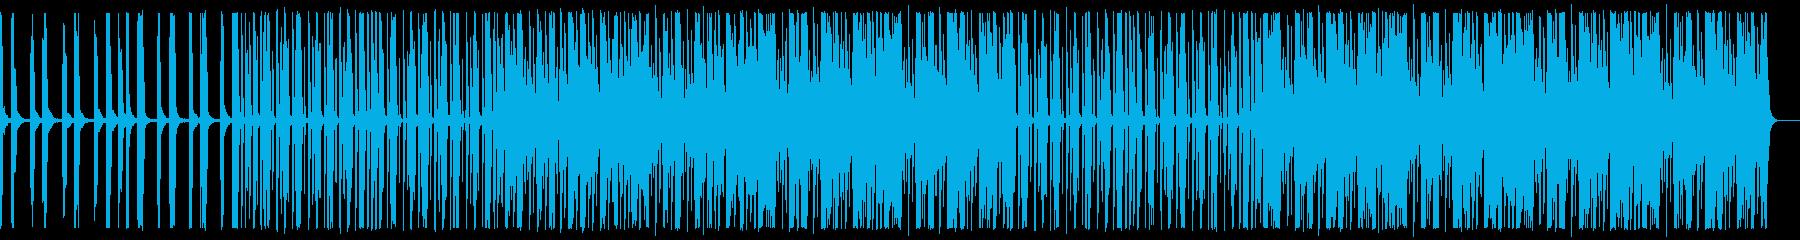 キラキラ/ローファイ_No593_1の再生済みの波形